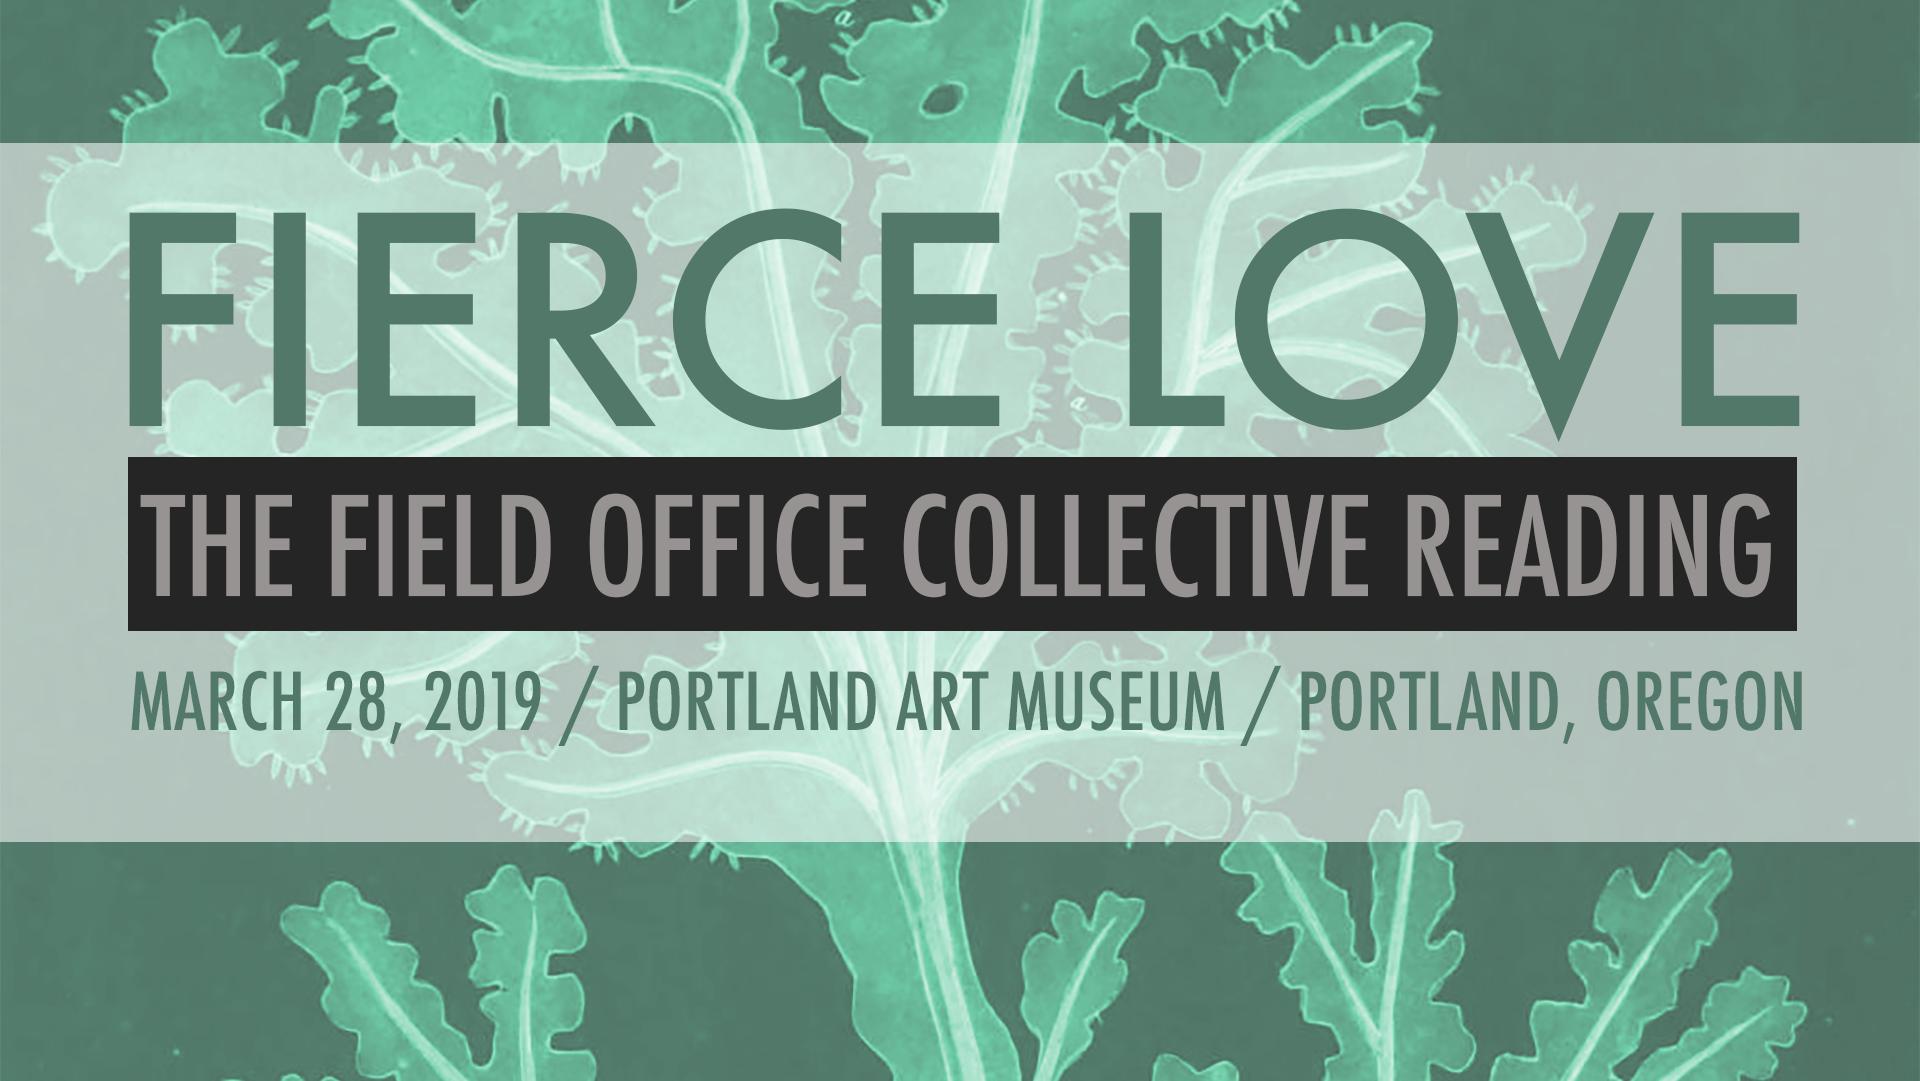 FIERCE LOVE | THE FIELD OFFICE